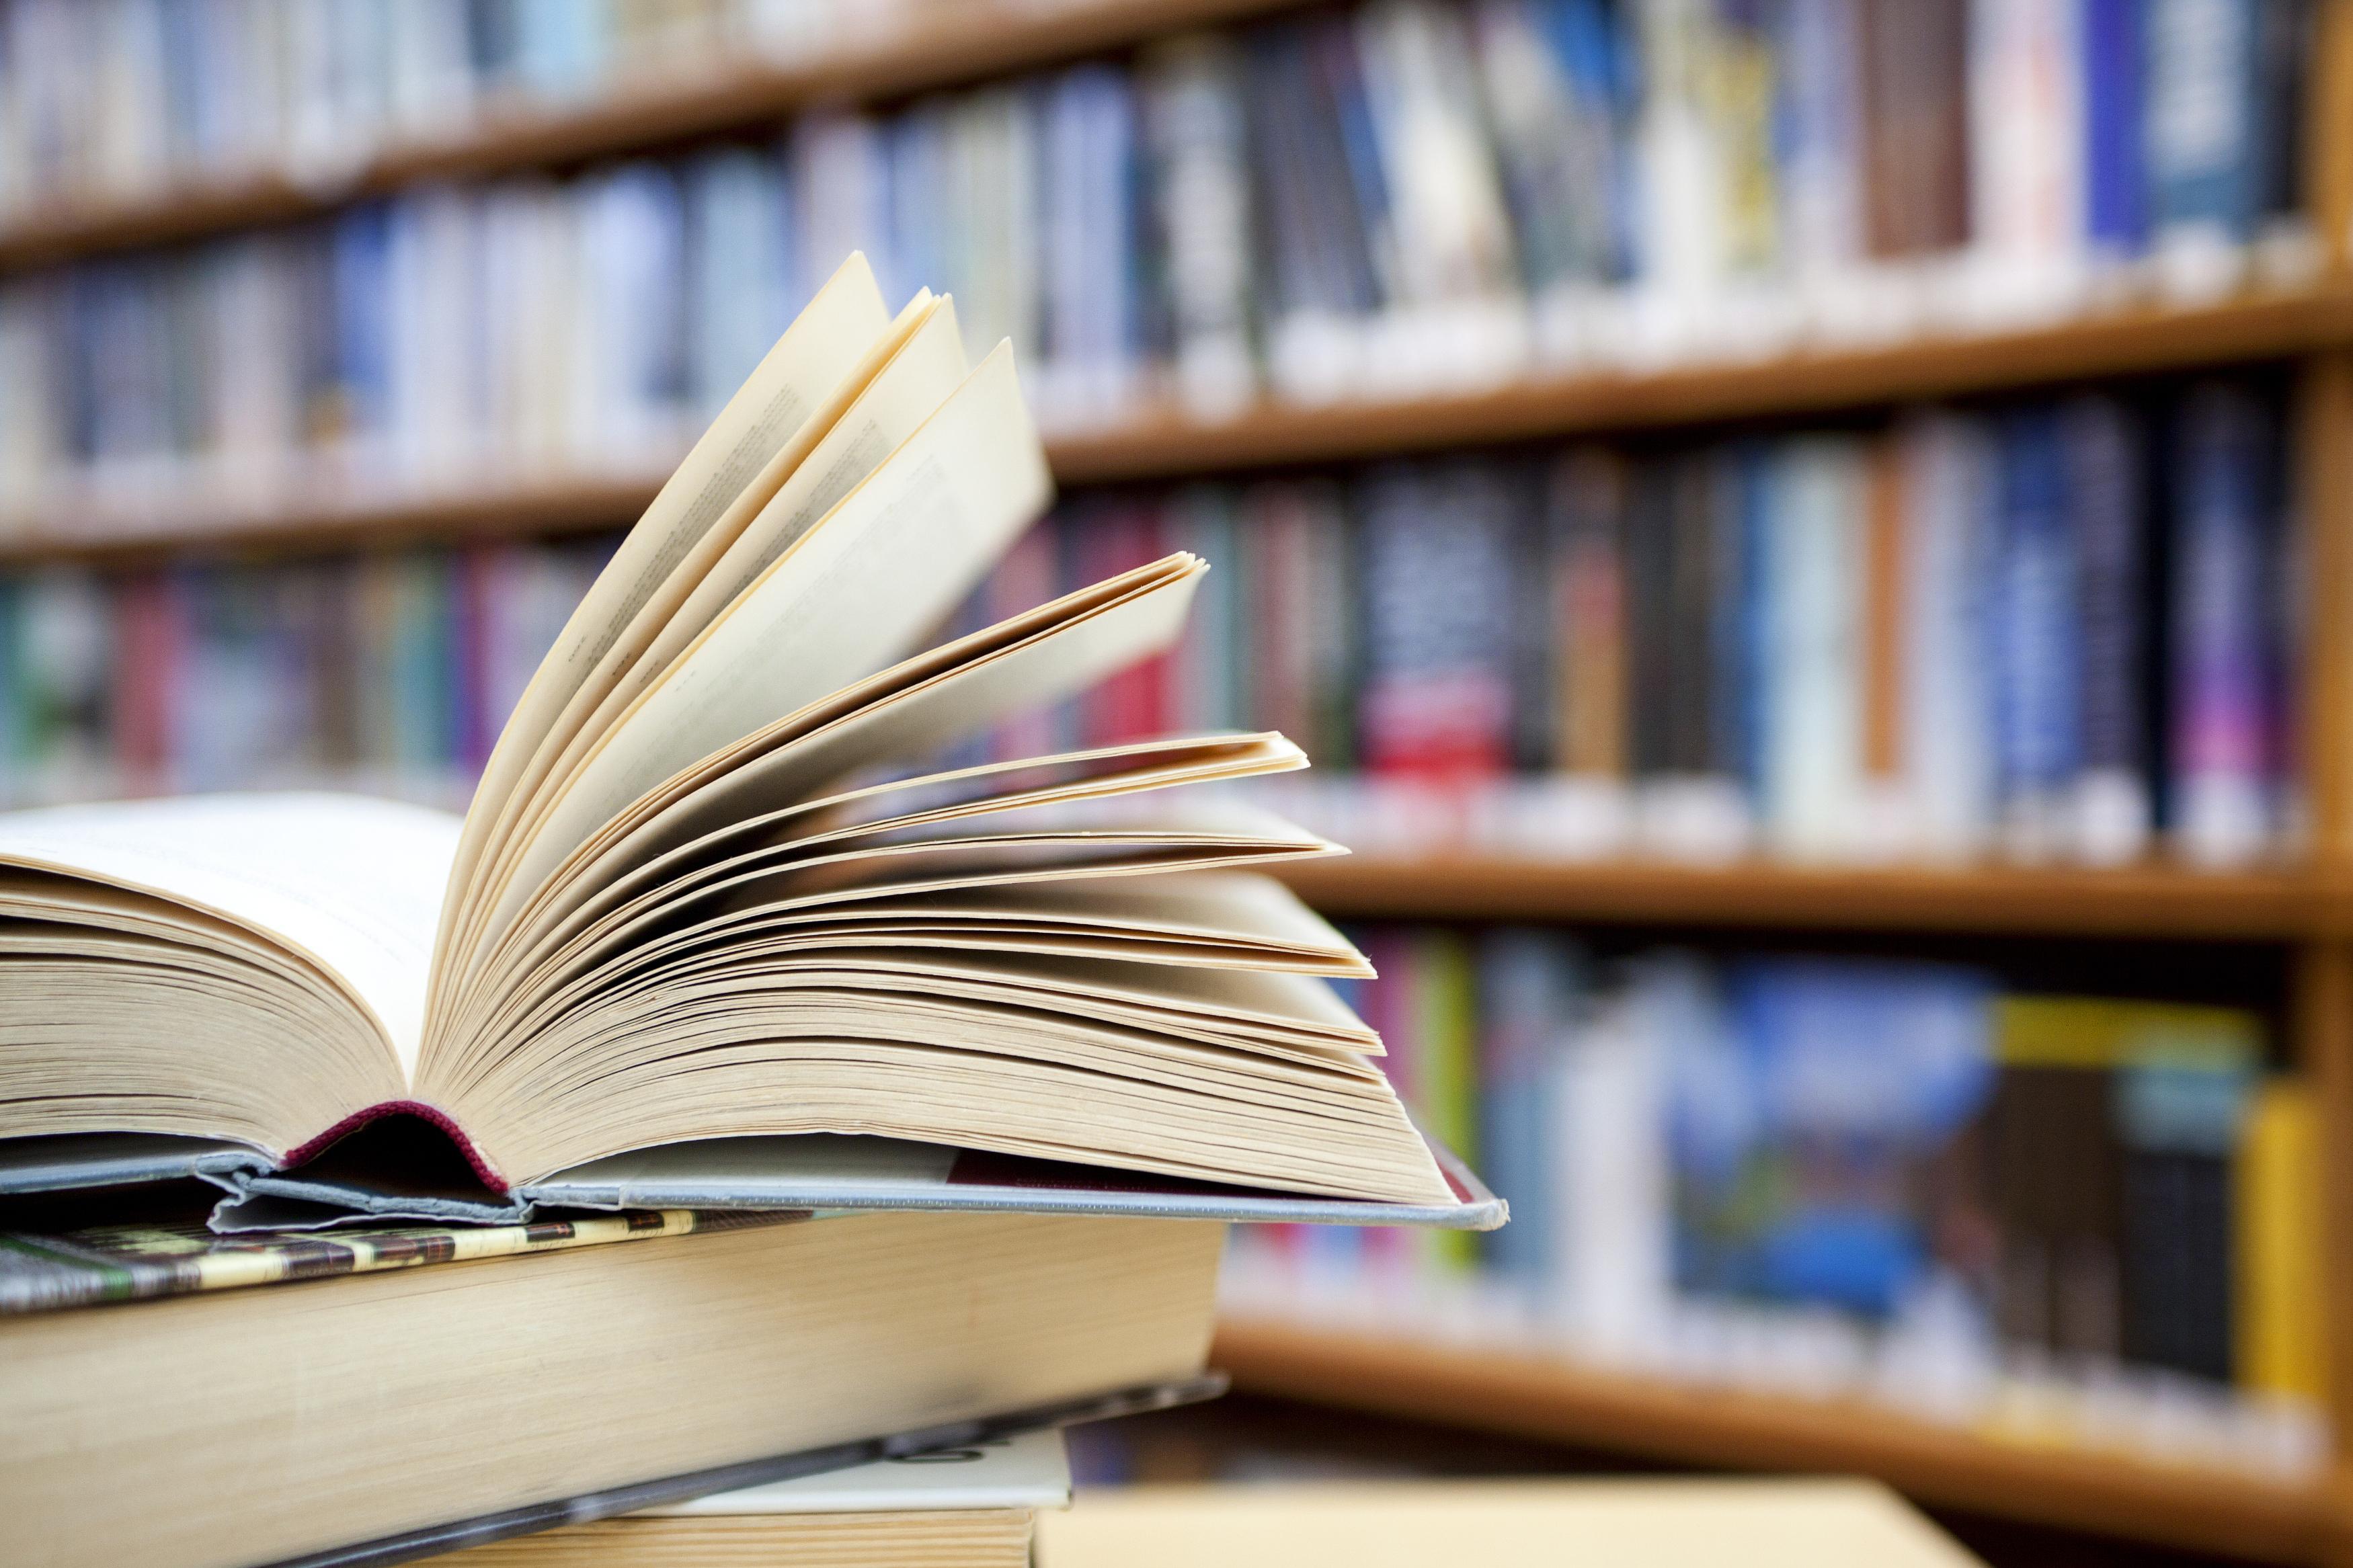 Bücherregal und aufgeschlagenes Buch